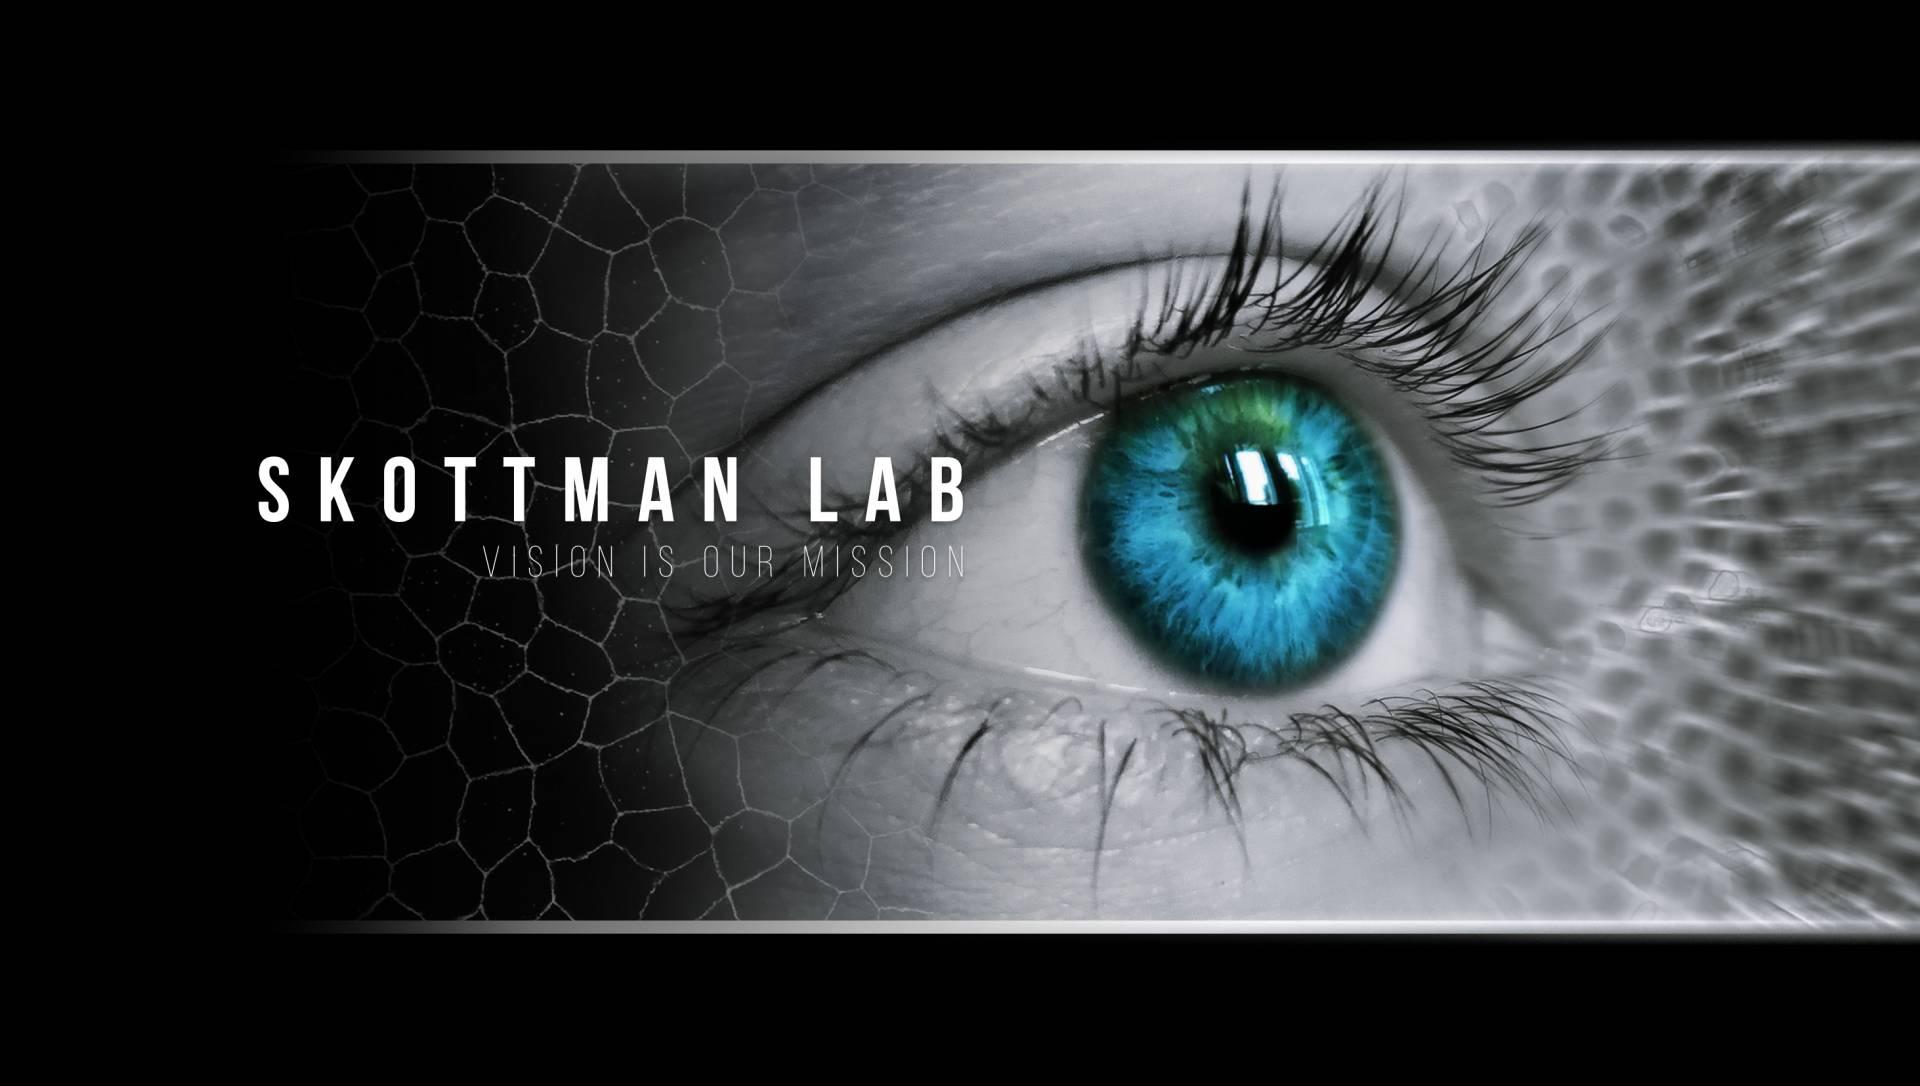 Skottman Lab